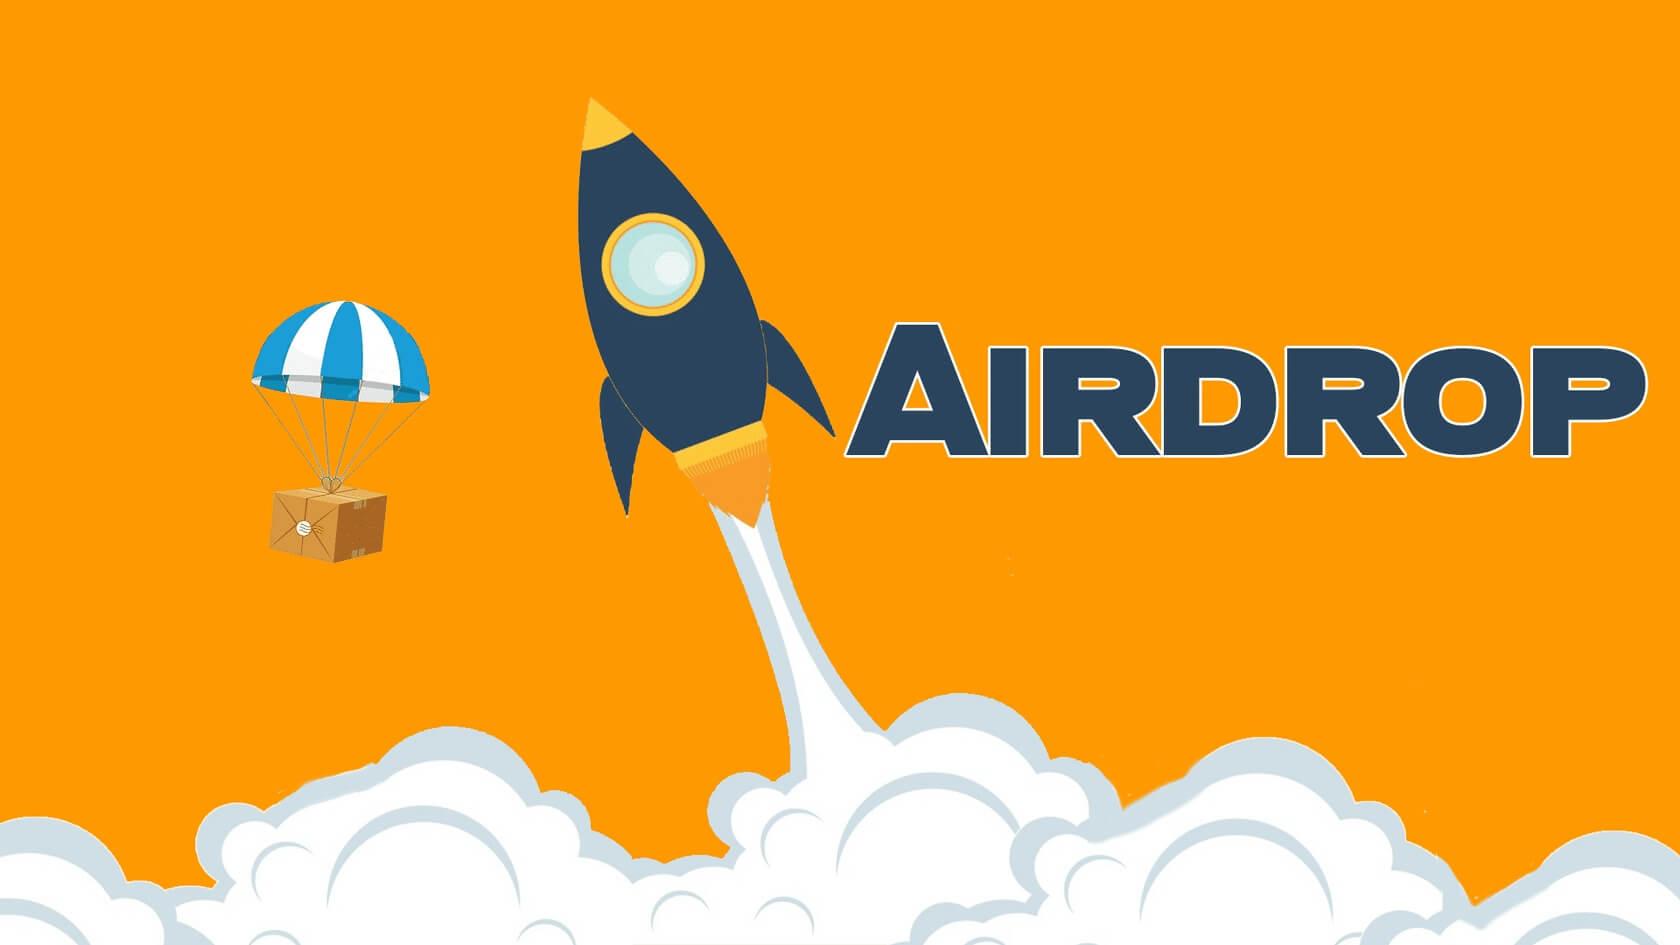 Airdrop Nedir? Katılım Koşulları Nelerdir? 2 - Air Drop Katılım Koşulları Nelerdir